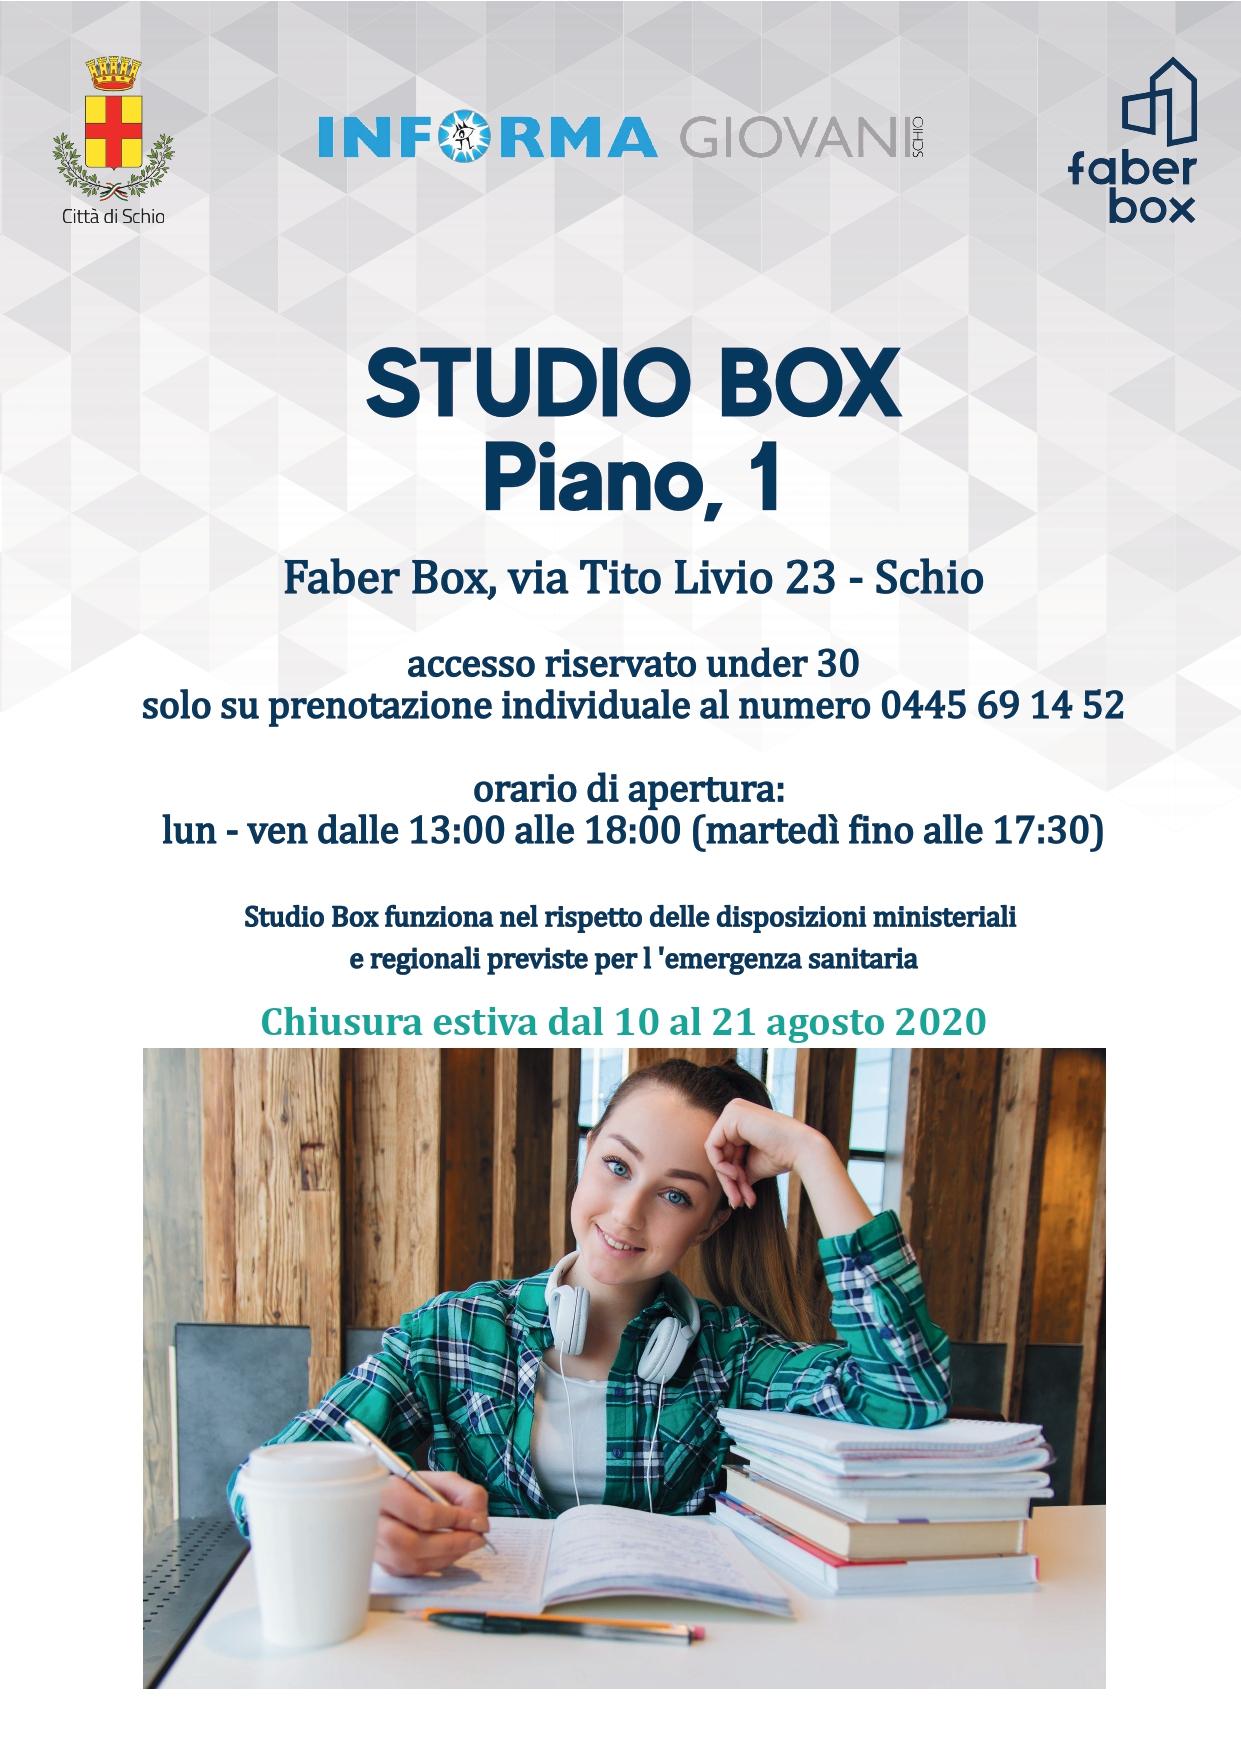 Studio Box: spazio dedicato allo studio degli under 30